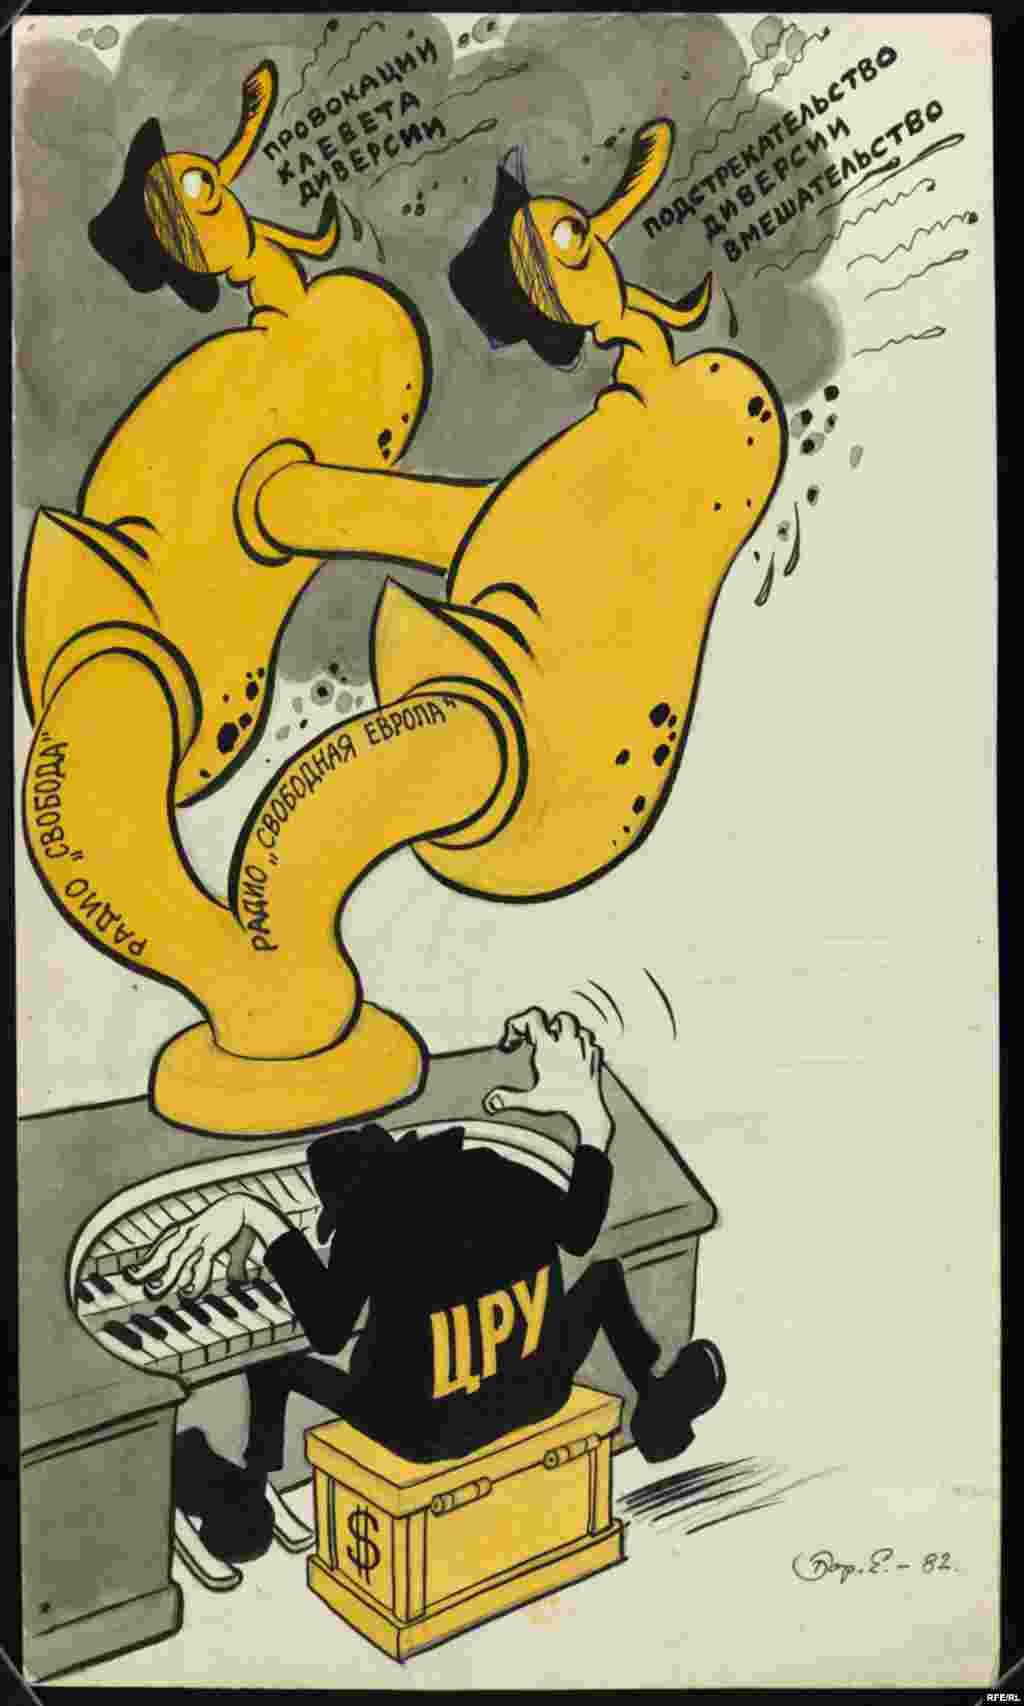 В годы Второй мировой войны работы Бориса Ефимова публиковались на страницах газеты «Красная Звезда», в журнале «Фронтовой иллюстрации», а также во фронтовых, армейских, дивизионных газетах и даже на листовках, которые разбрасывались за линией фронта